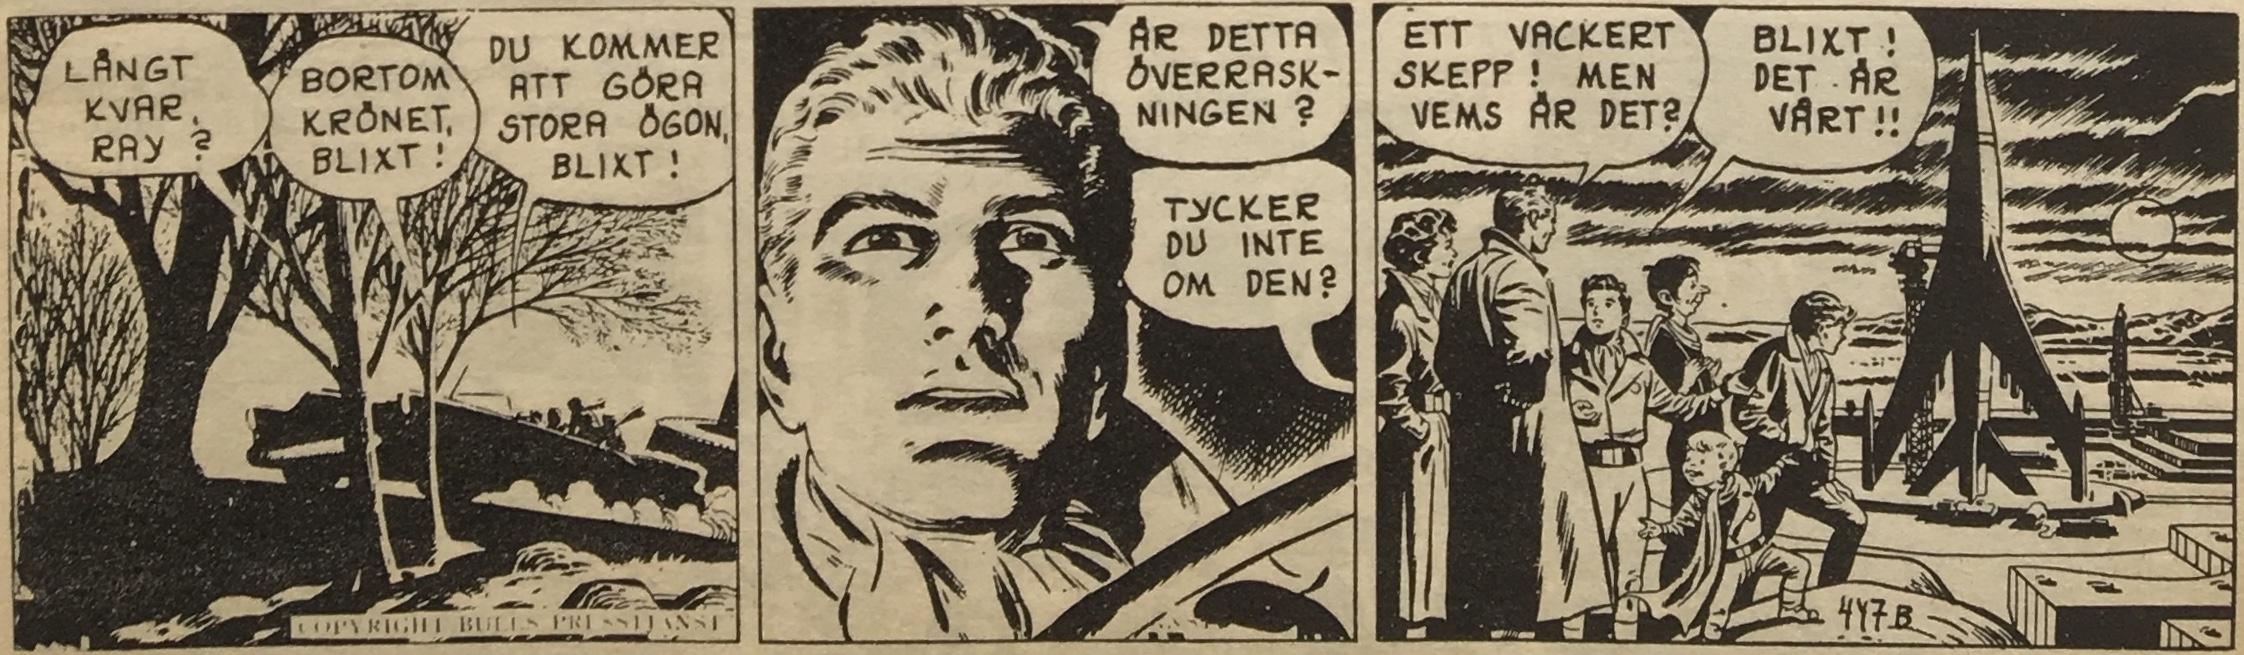 """En stripp ur """"Blixt Gordon och rymdpojkarna"""", av Dan Barry från 10 februari 1955"""